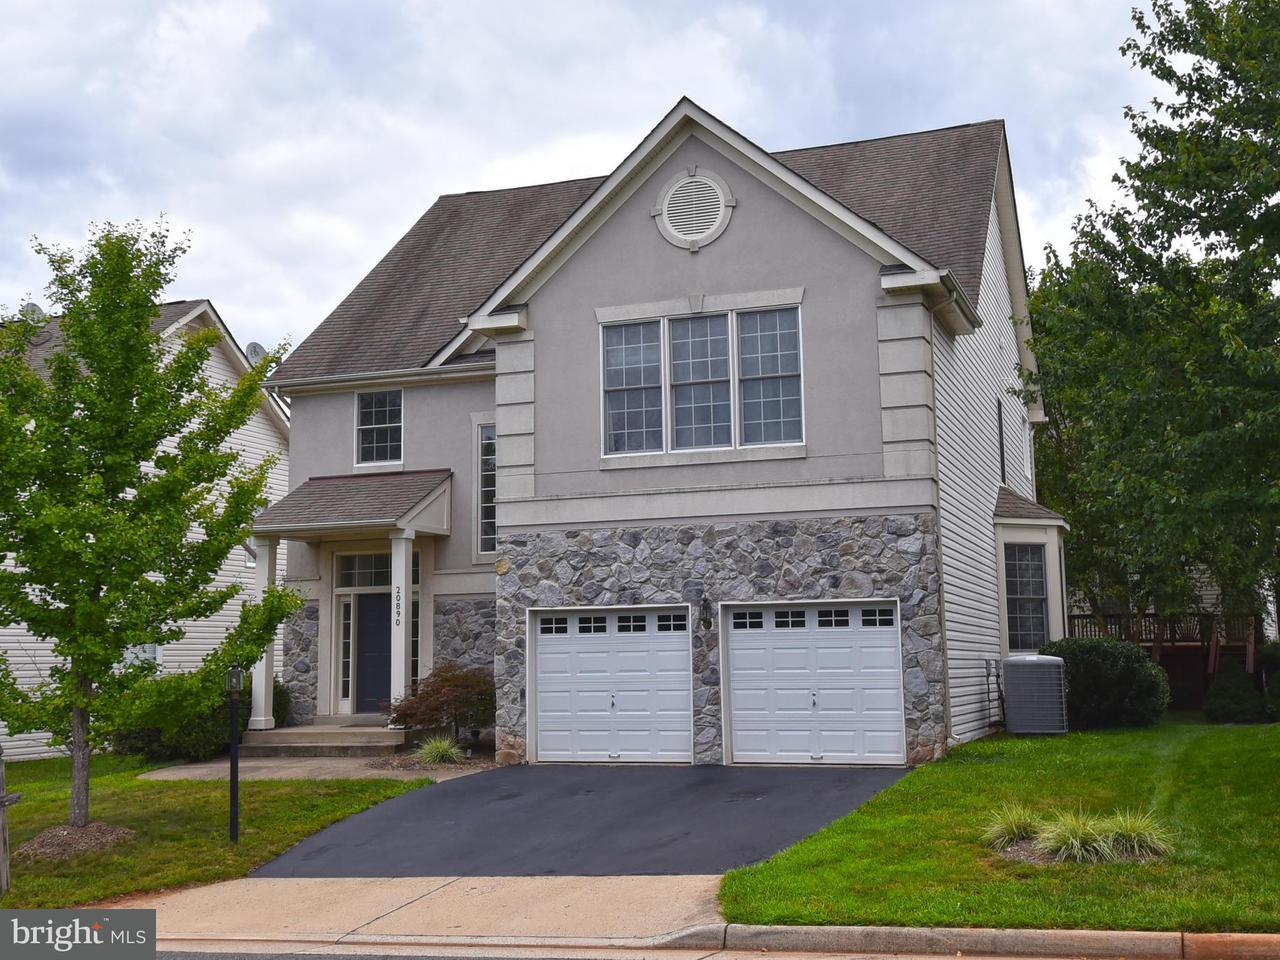 独户住宅 为 销售 在 20890 Serenity Court 20890 Serenity Court 波托马克河, 弗吉尼亚州 20165 美国